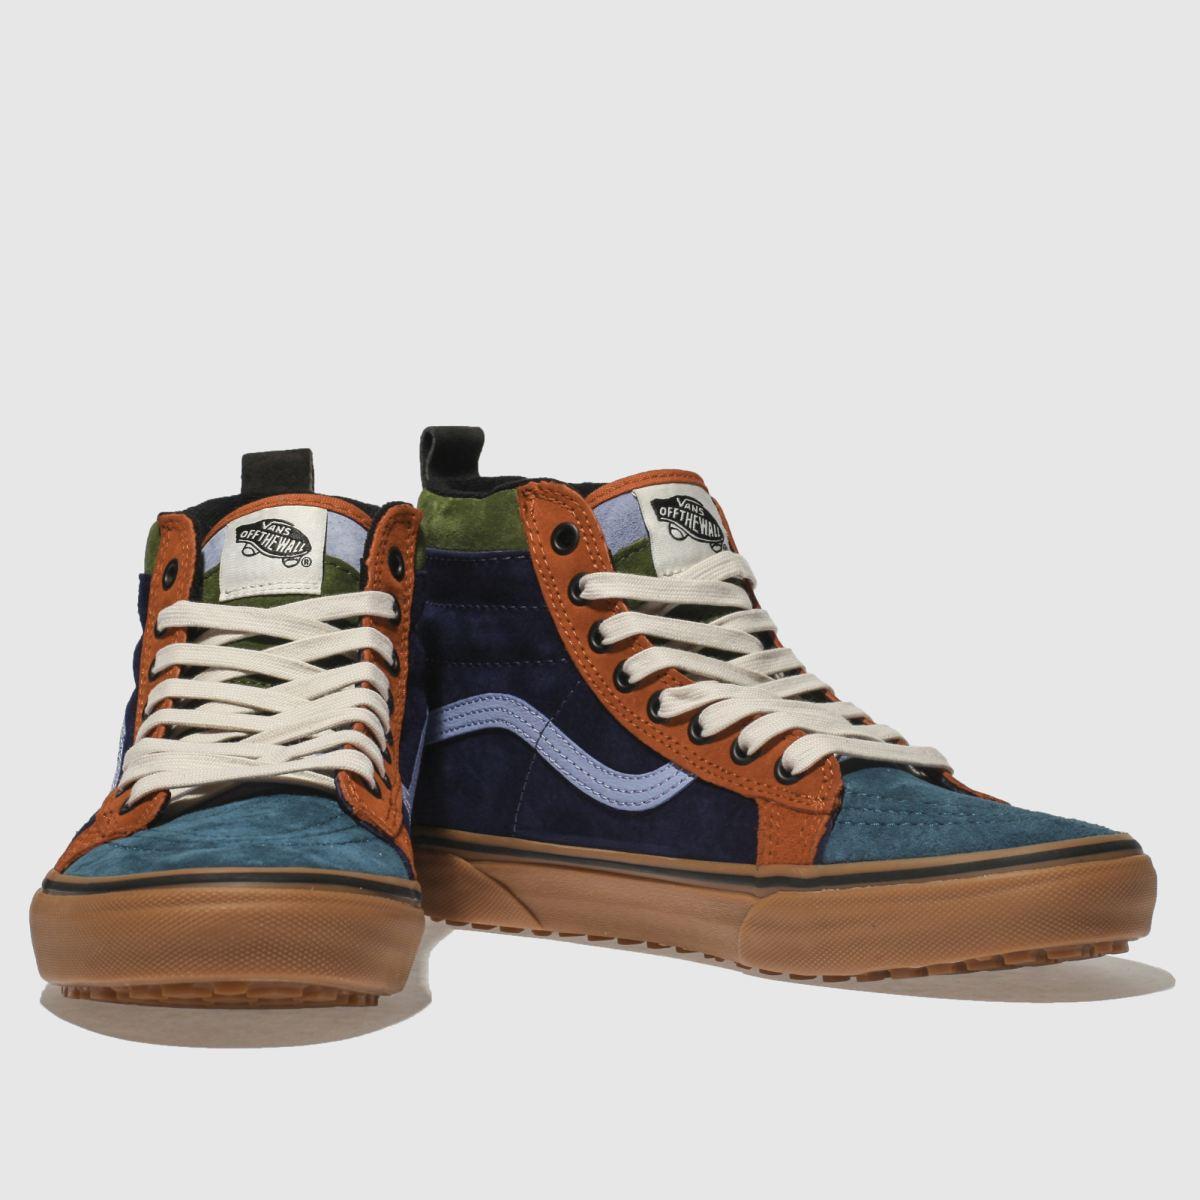 Herren Bunt vans Sk8-hi Mte Qualität Sneaker | schuh Gute Qualität ...